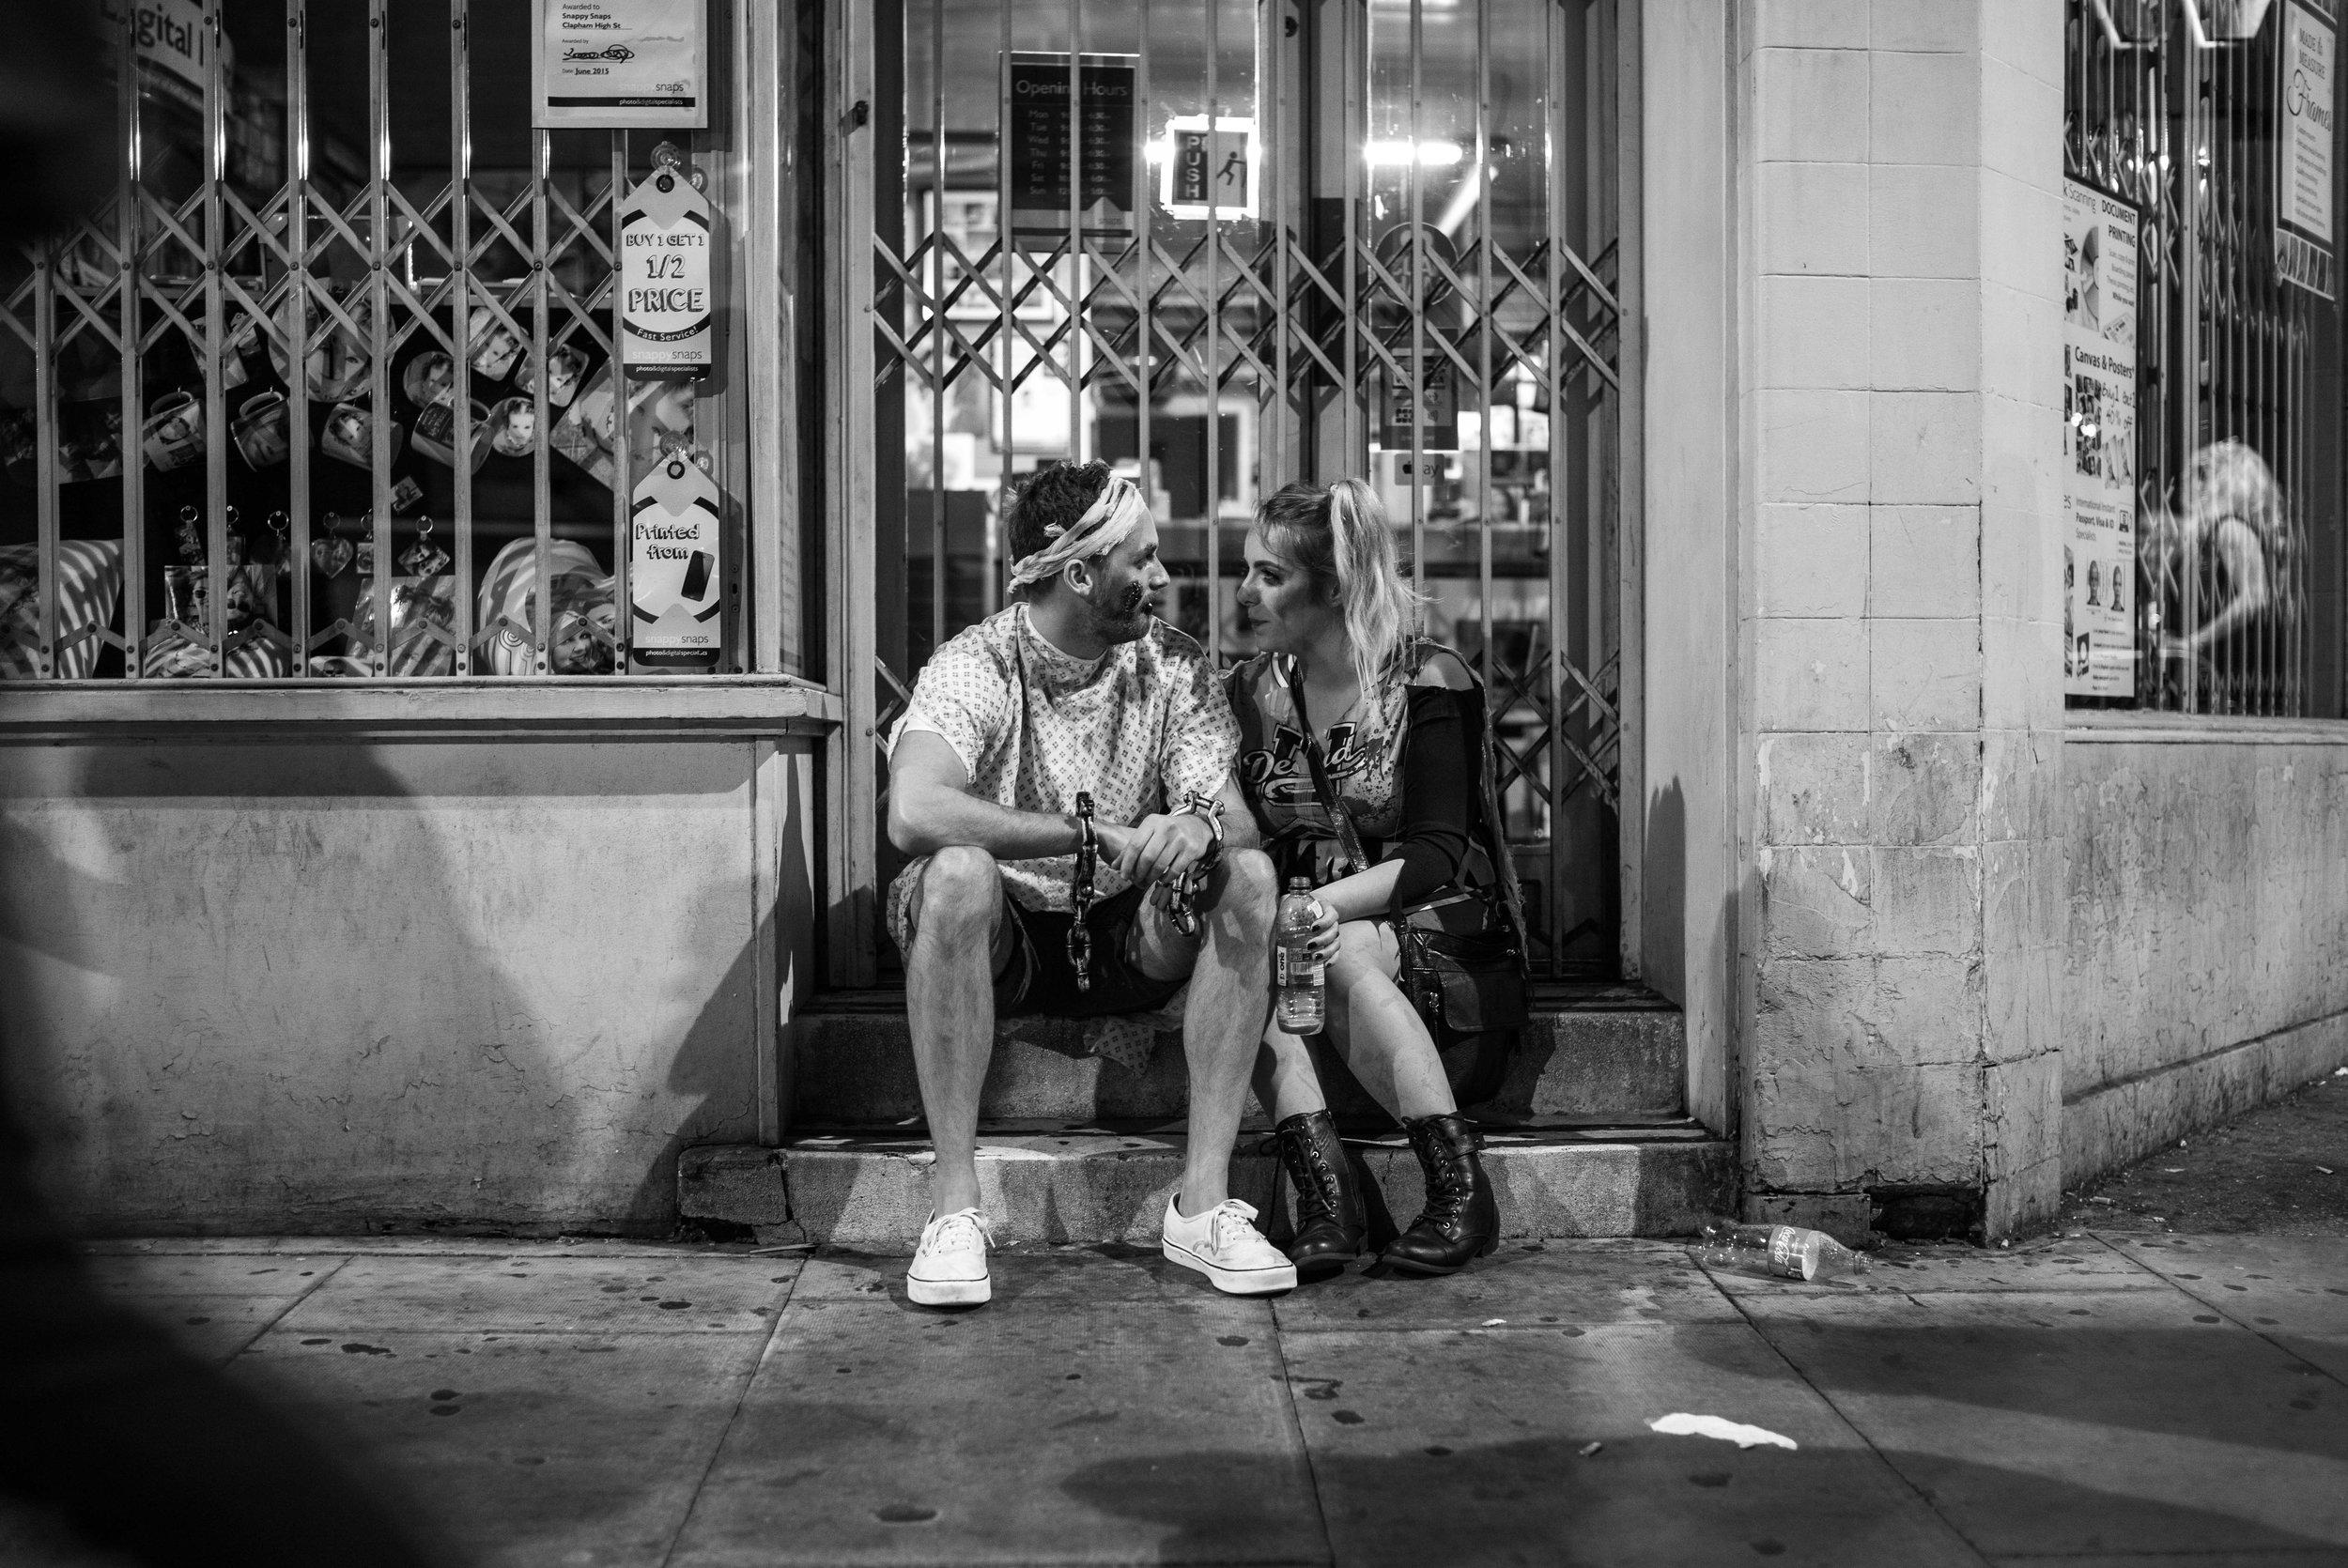 High street romantics